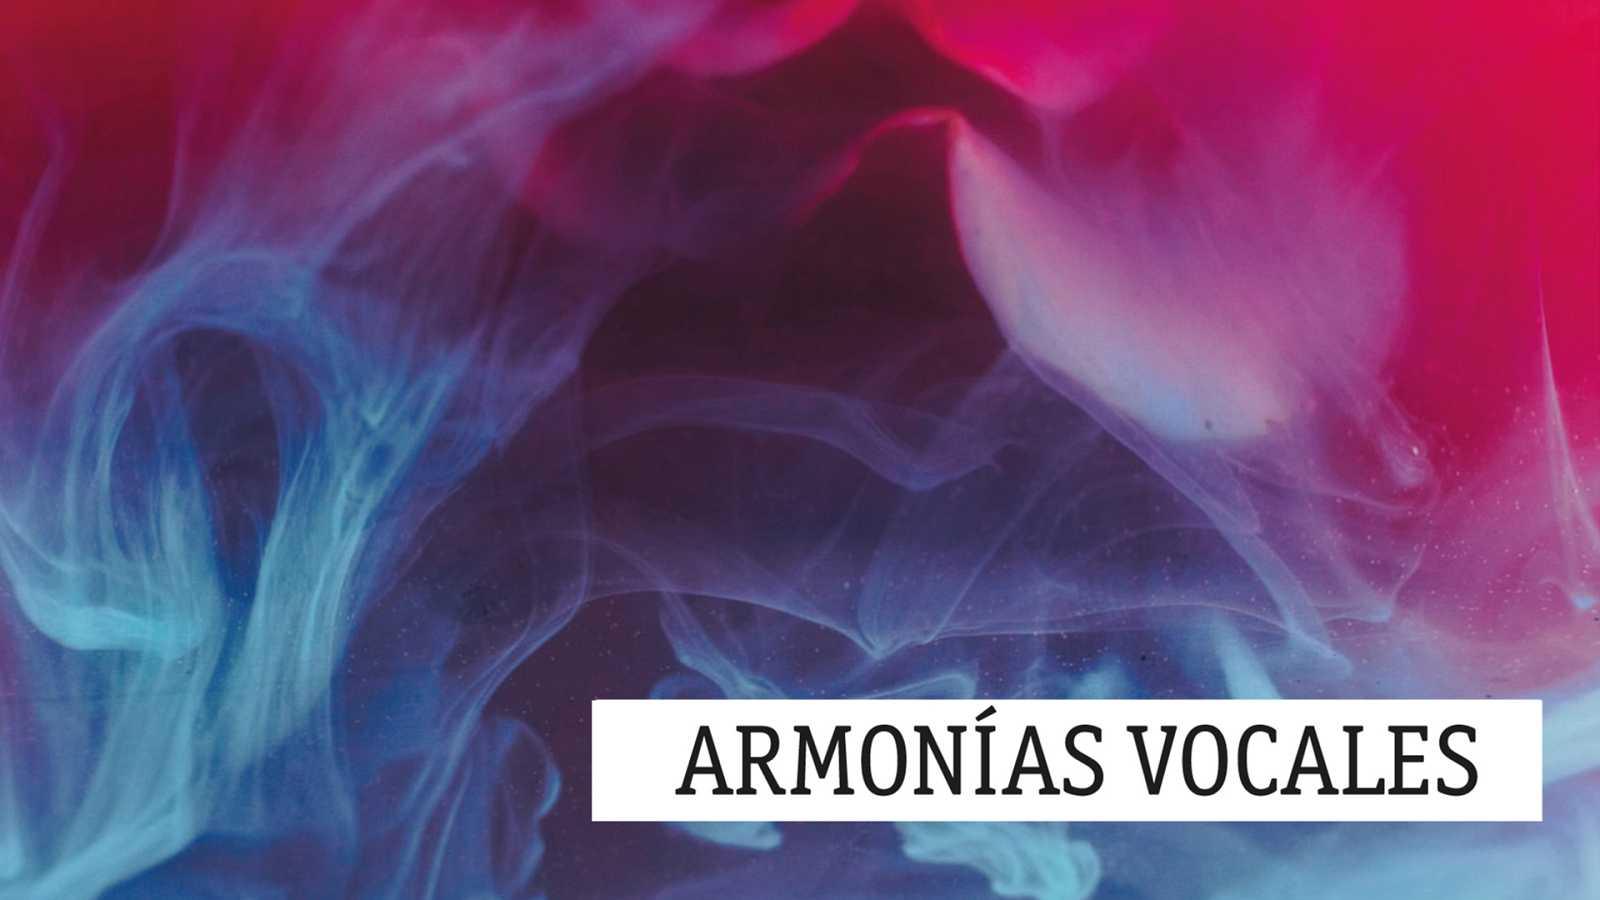 Armonías vocales - 15/05/21 - escuchar ahora